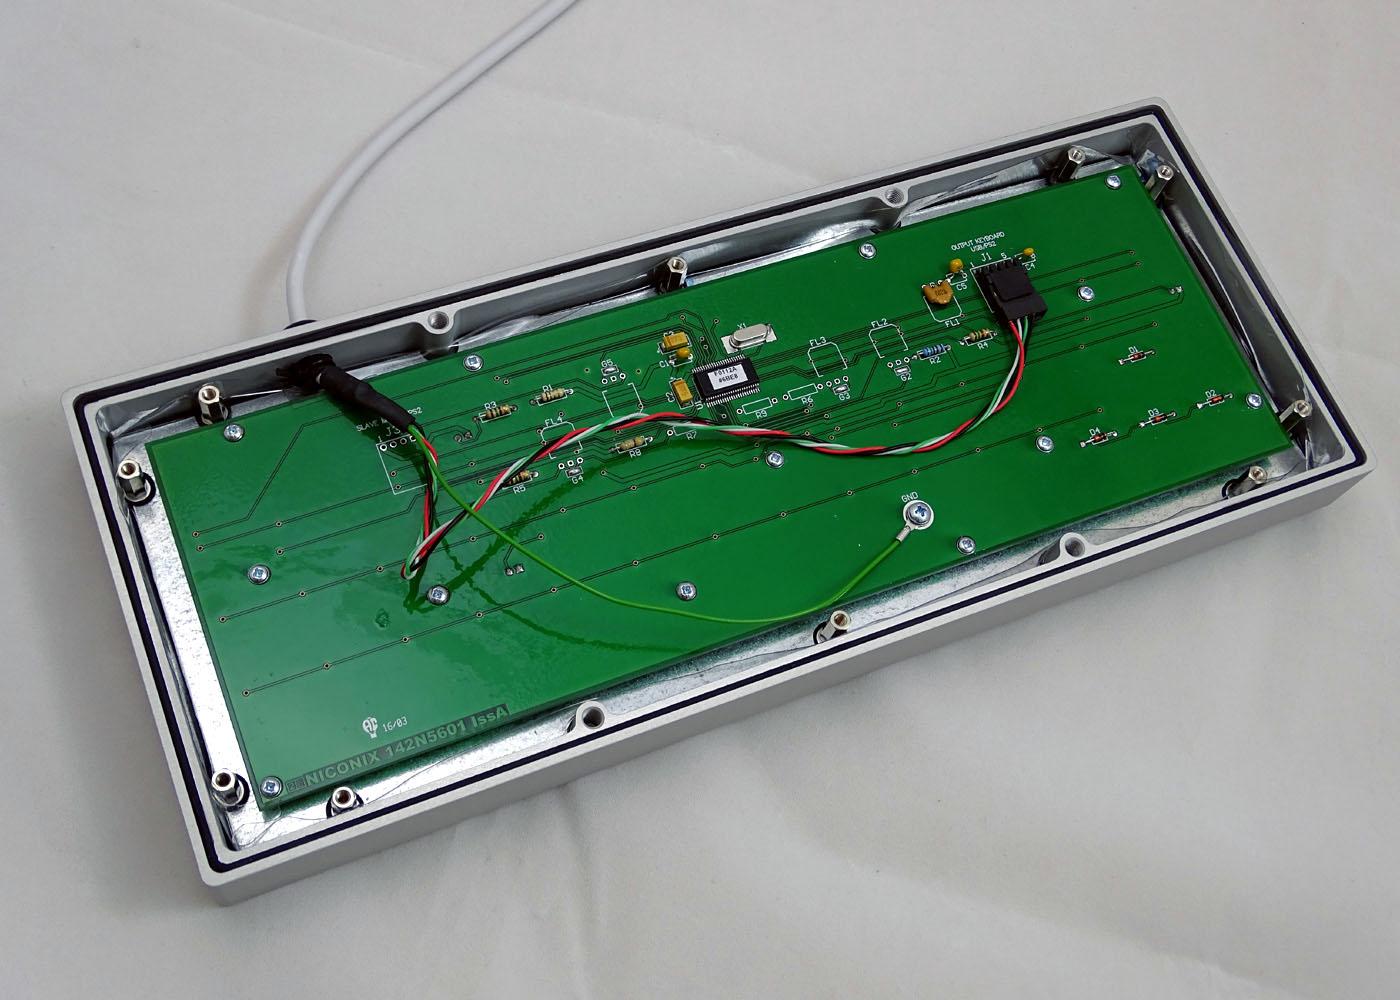 Clavier NX5600 – Vue d'ensemble de l'intérieur du clavier